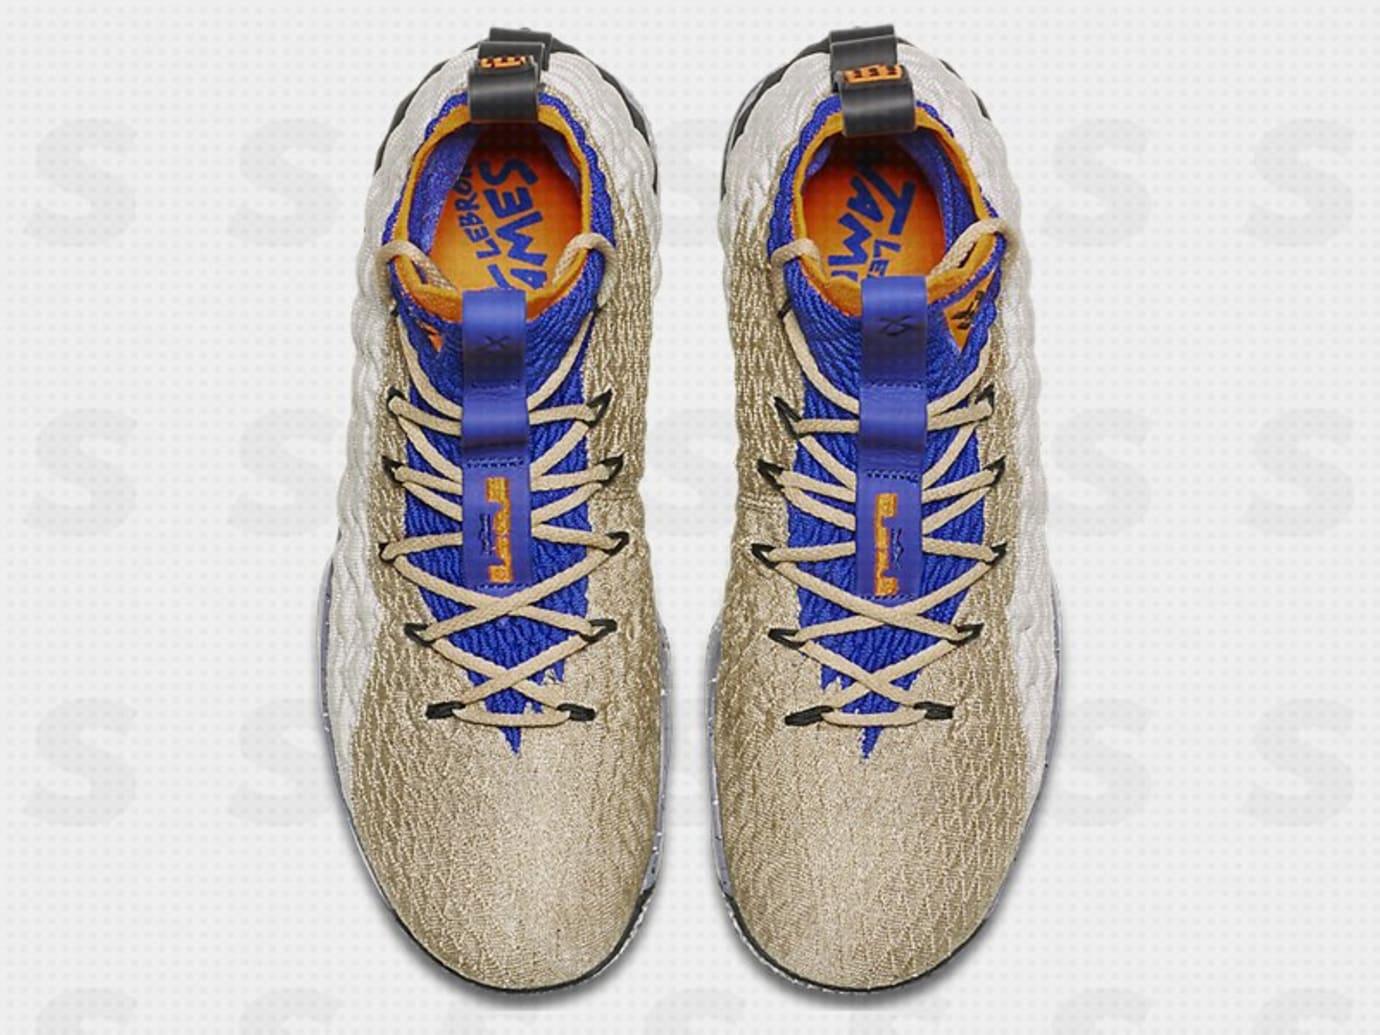 Nike LeBron 15 Mowab LeBron Watch